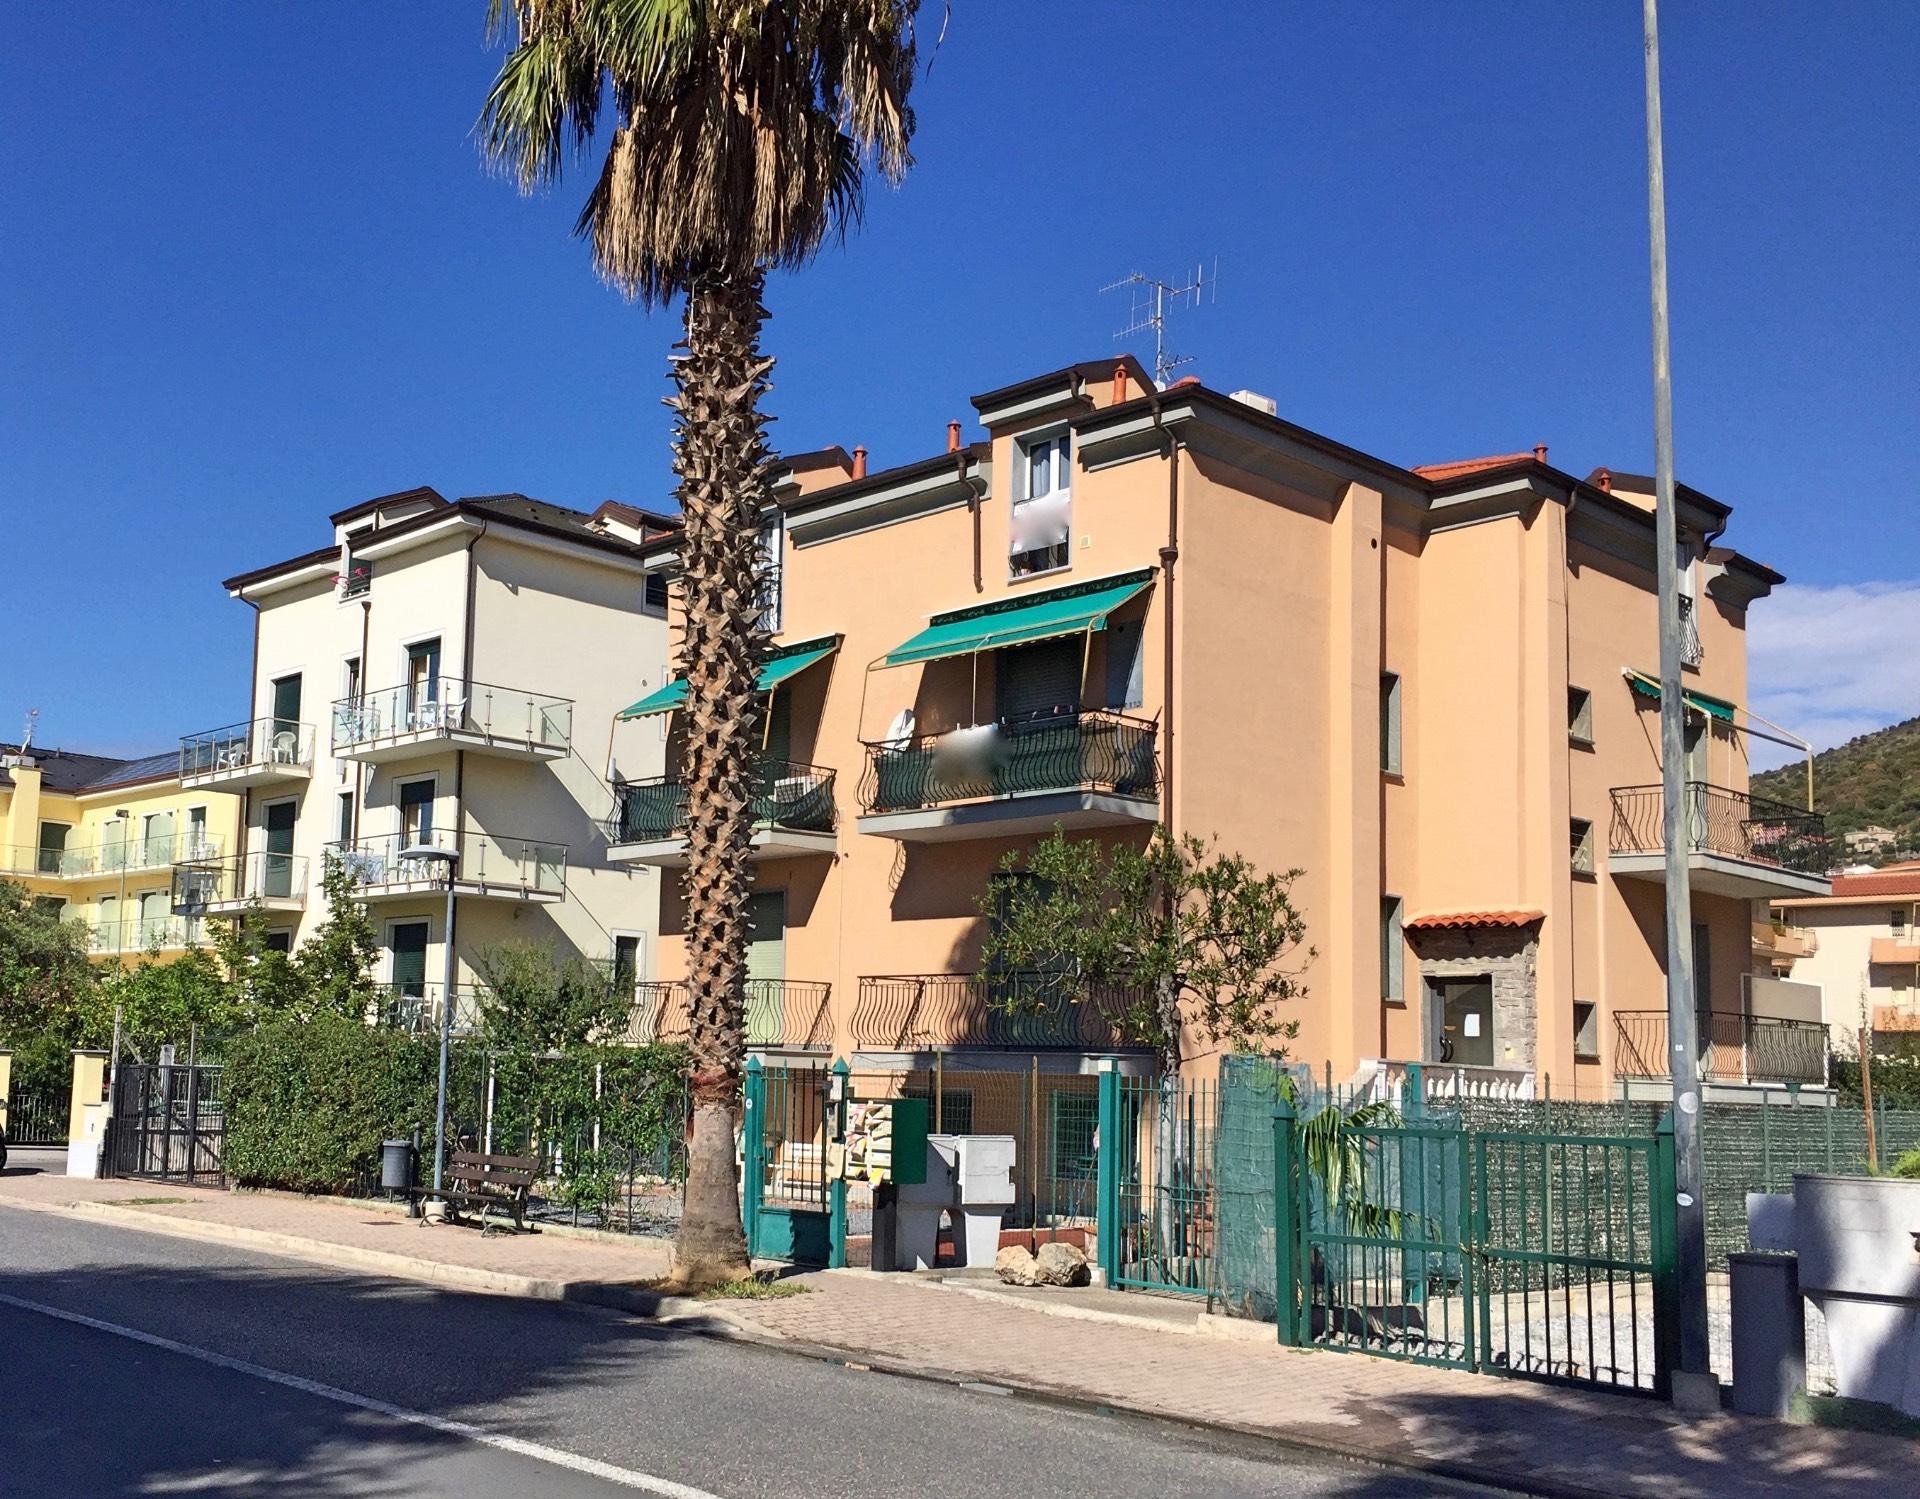 Attico / Mansarda in vendita a Pietra Ligure, 2 locali, zona Località: VialeRepubblica, prezzo € 205.000 | CambioCasa.it